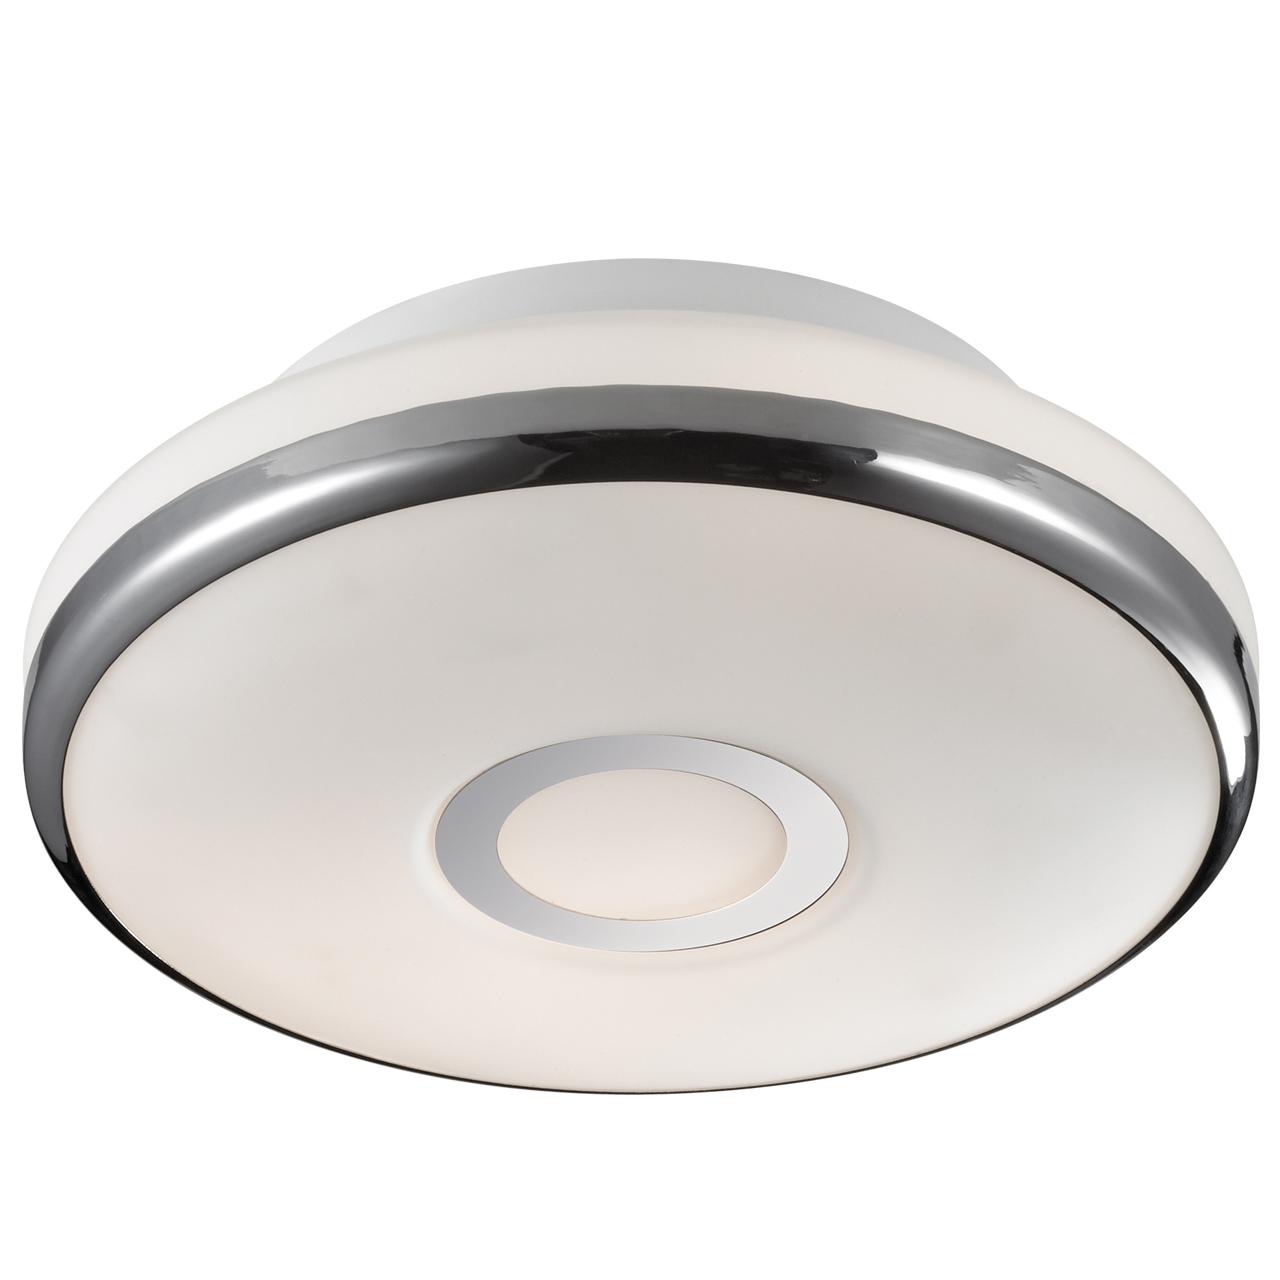 Светильник настенно-потолочный Odeon light 2401/1c